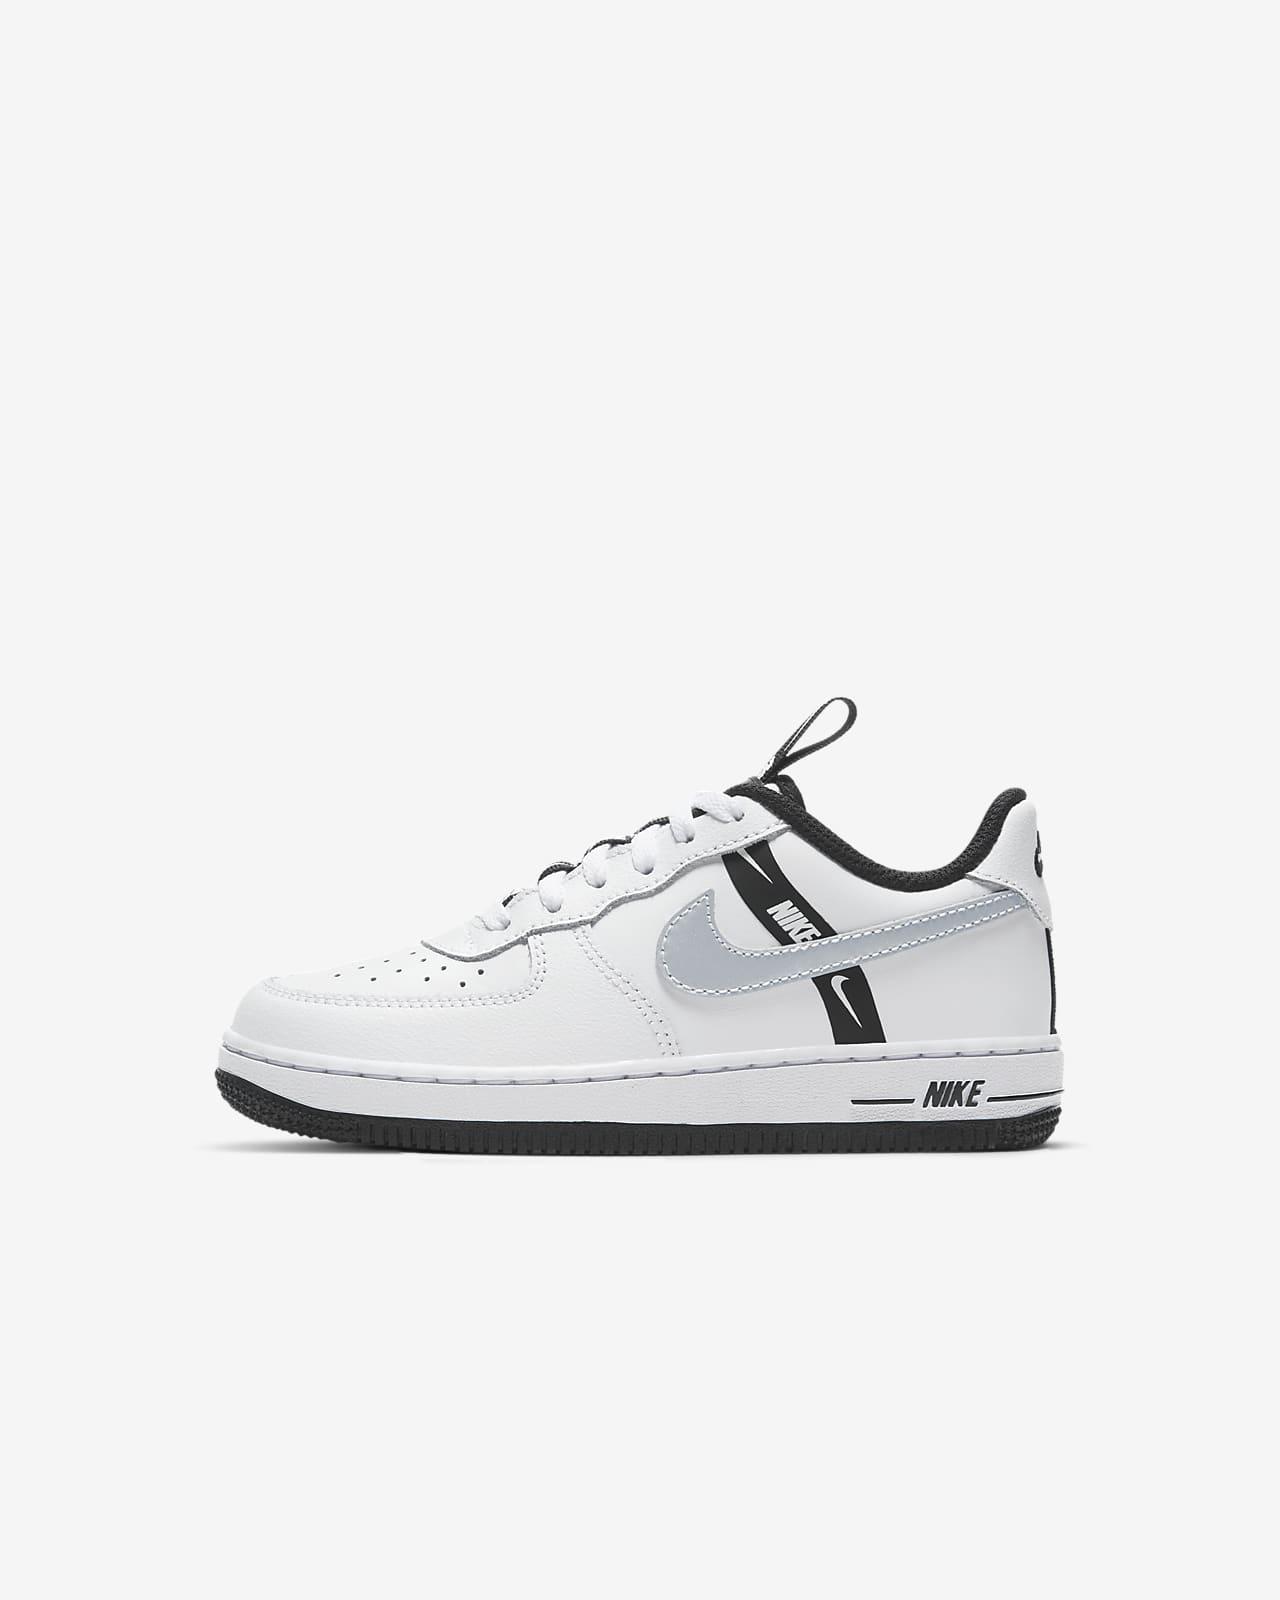 Nike Force 1 LV8 KSA (PS) 幼童运动童鞋